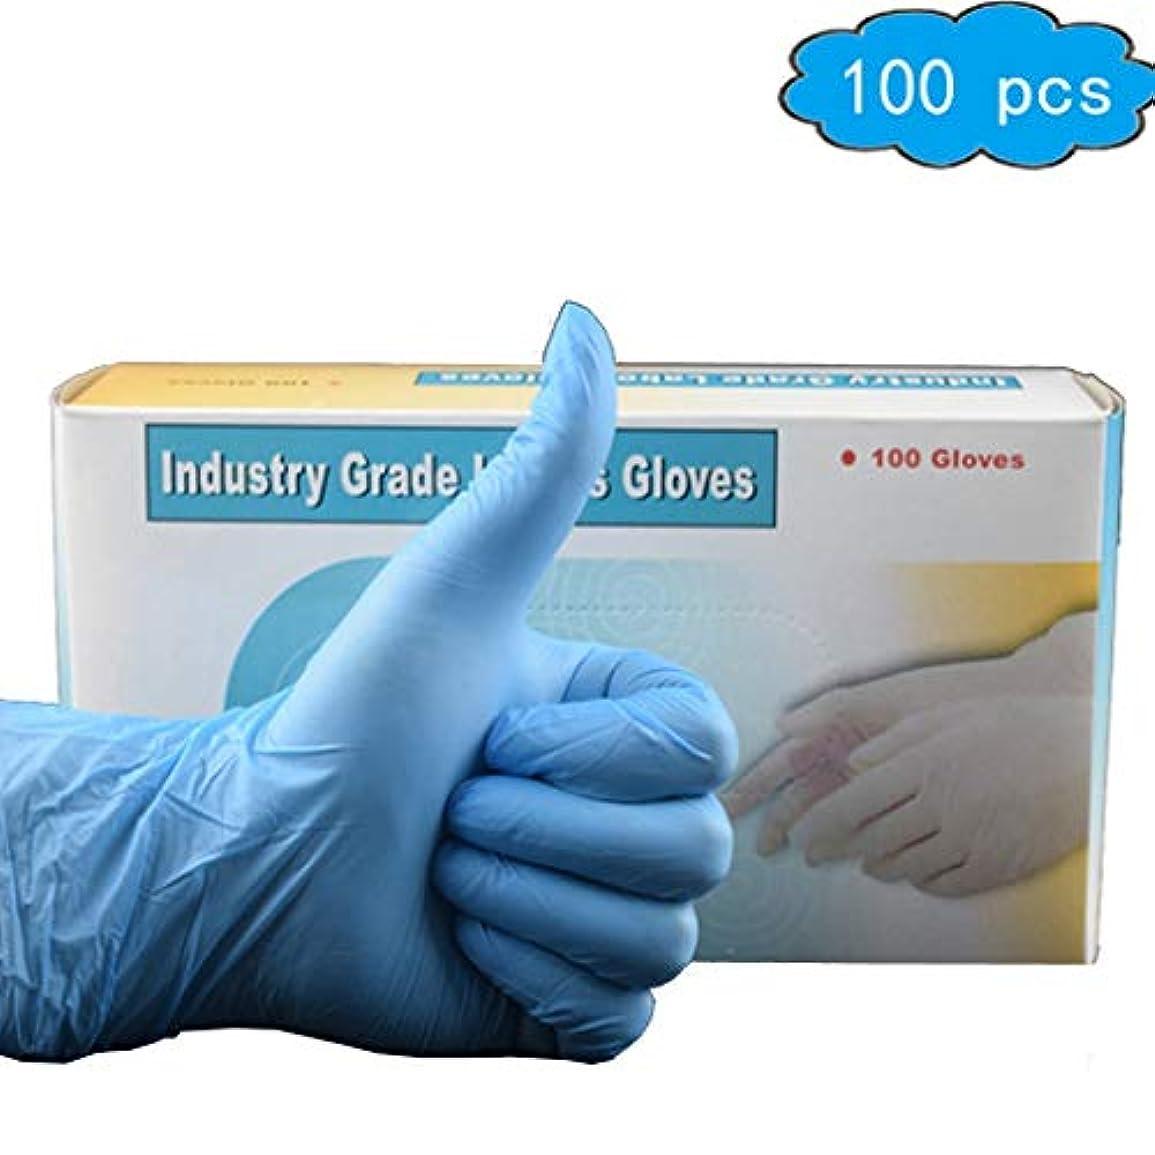 攻撃樫の木ゴミ箱を空にする使い捨て手袋、子供用使い捨て手袋、子供用ニトリル手袋 - 粉末なし、ラテックスなし、無臭、食品等級、アレルギー、質感のある指 - 100PCSブルー (Color : Blue, Size : L)